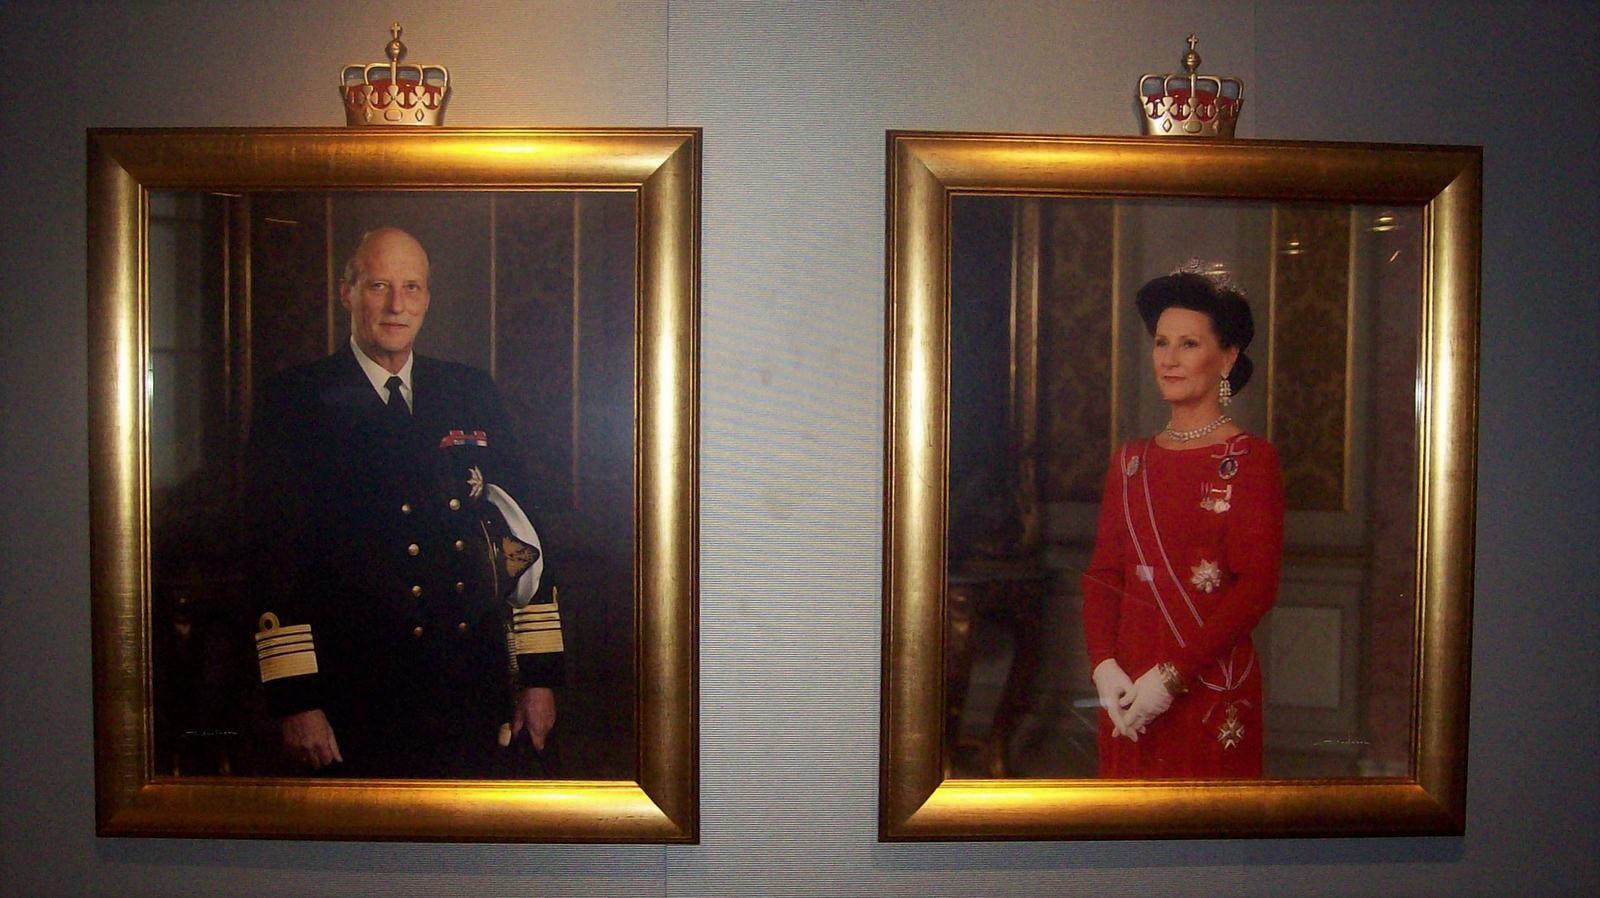 Hurtigruten - MS Trollfjord - König Harald V. und Königin Sonja